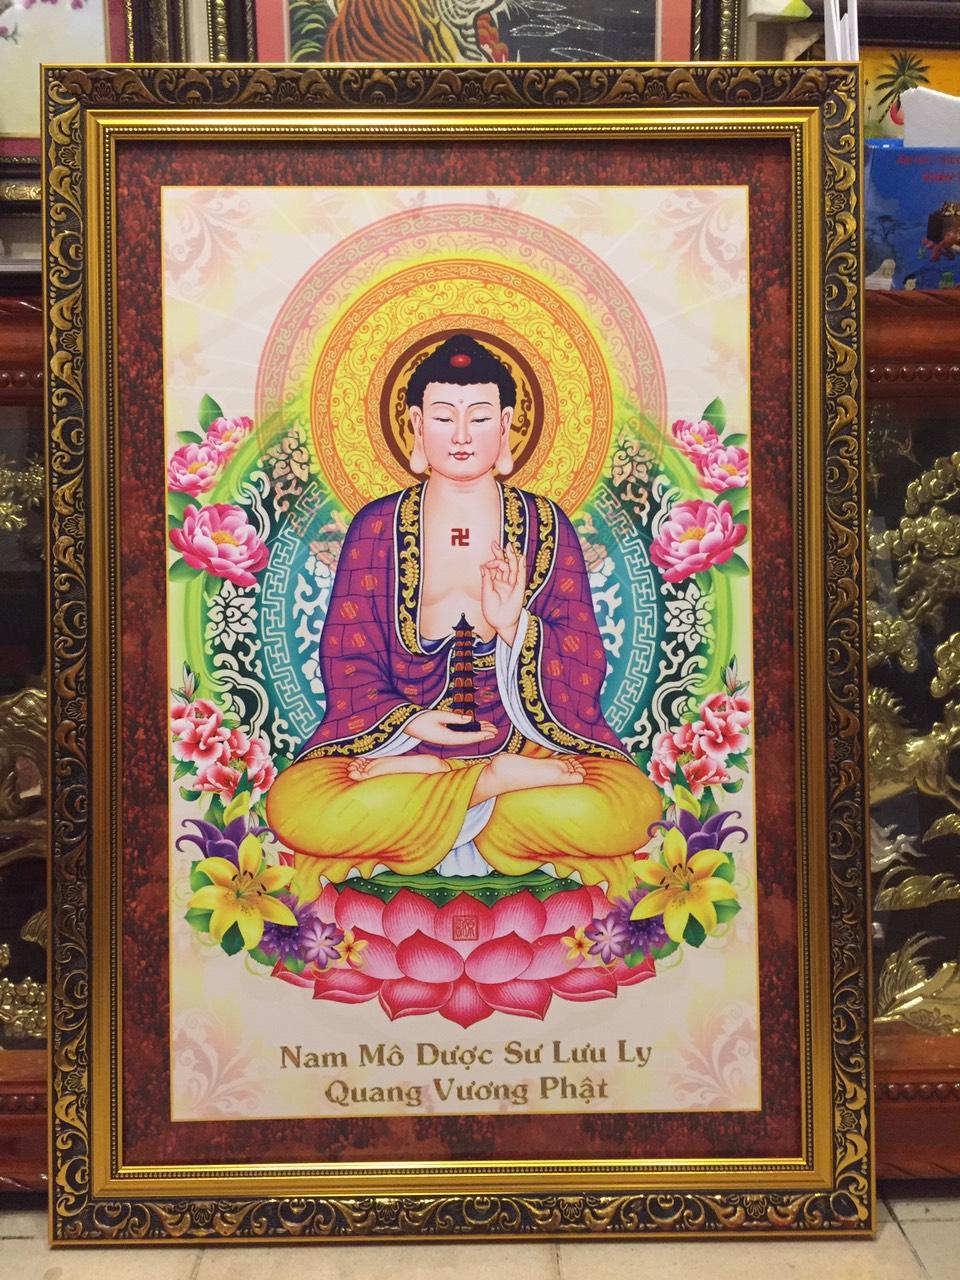 Tranh Dược Sư Lưu Ly Vương Quang Phật – 226